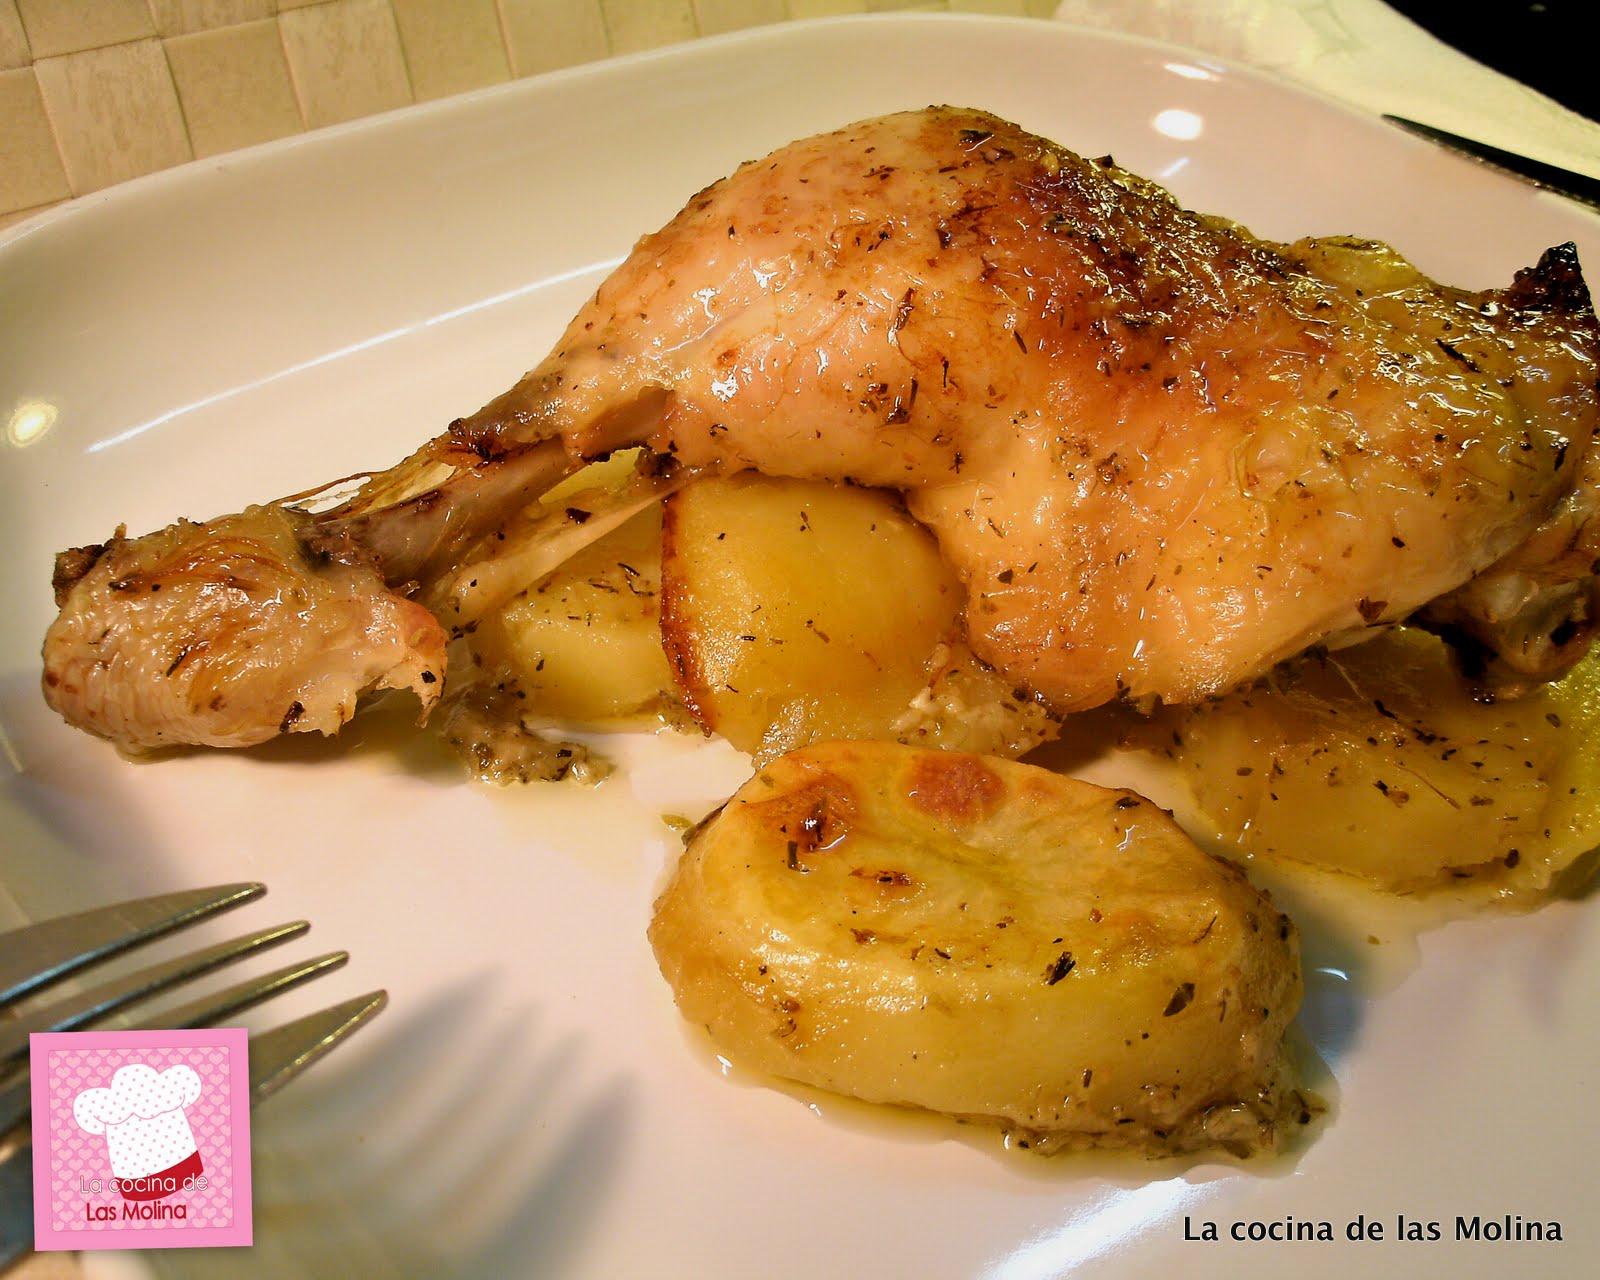 La cocina de las Molina: Muslos de pollo al horno sobre cama de patatas